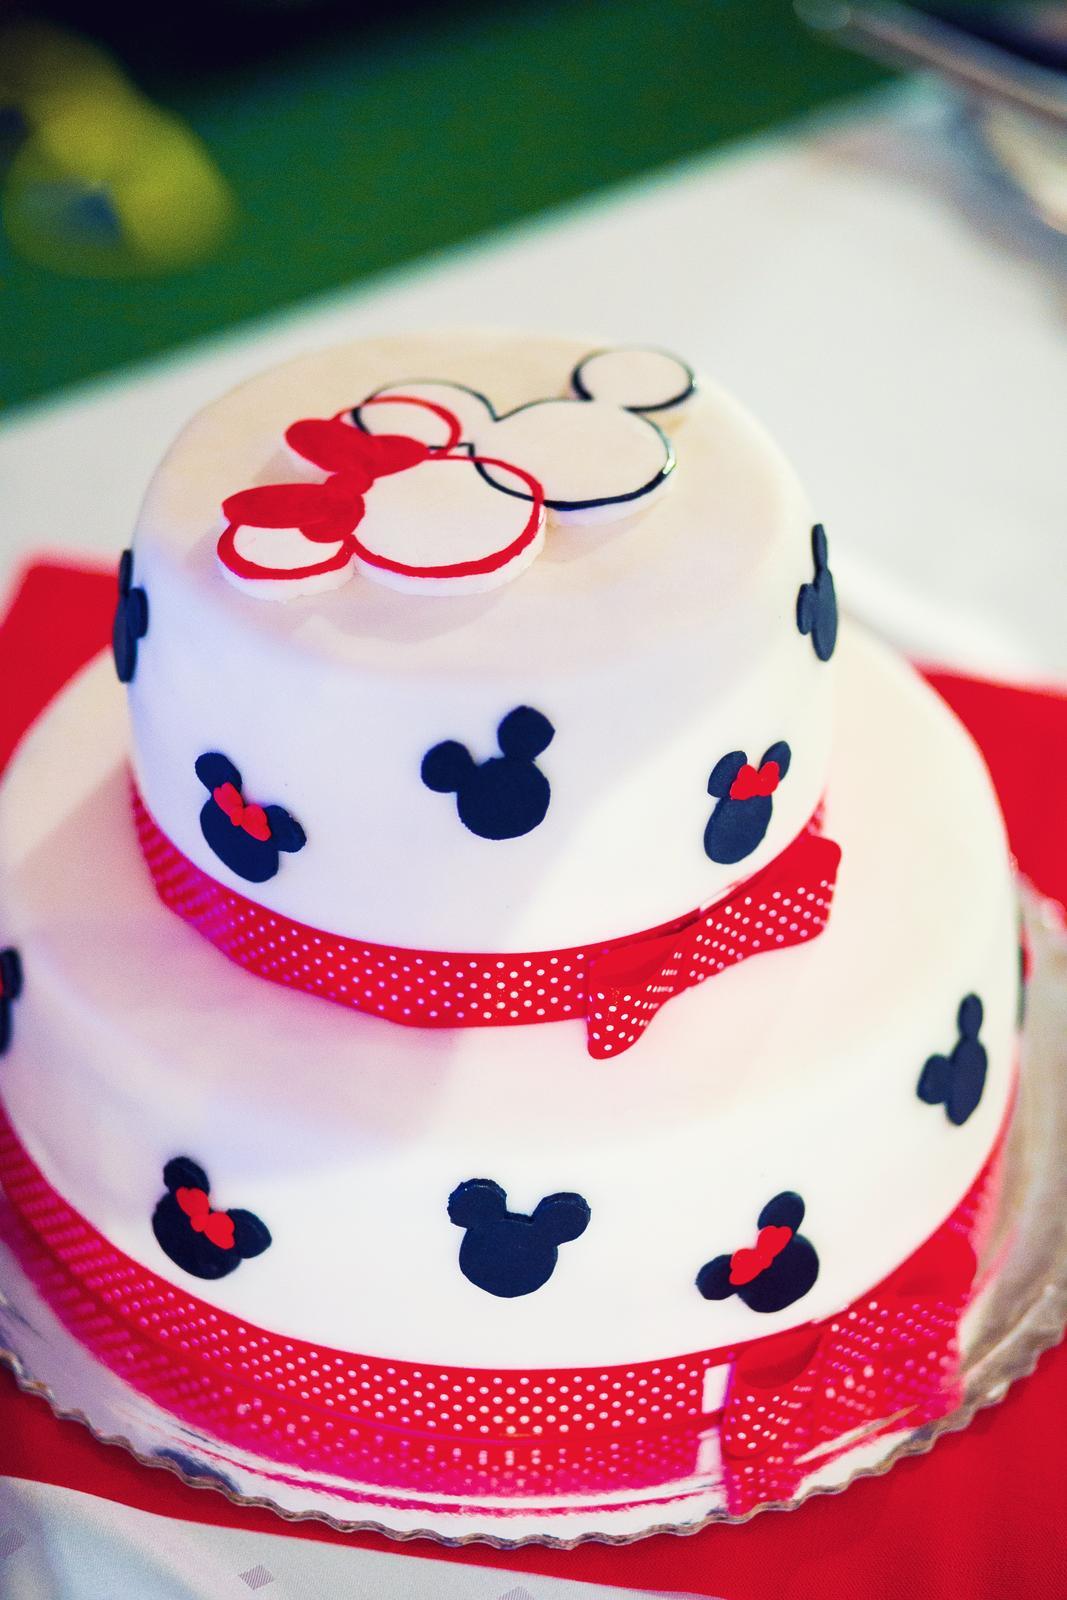 ♥ Kika{{_AND_}}Tominko♥ - úplne že najsamlepšia torta akú som kedy jedla ďakujem moc moc Stanka :)